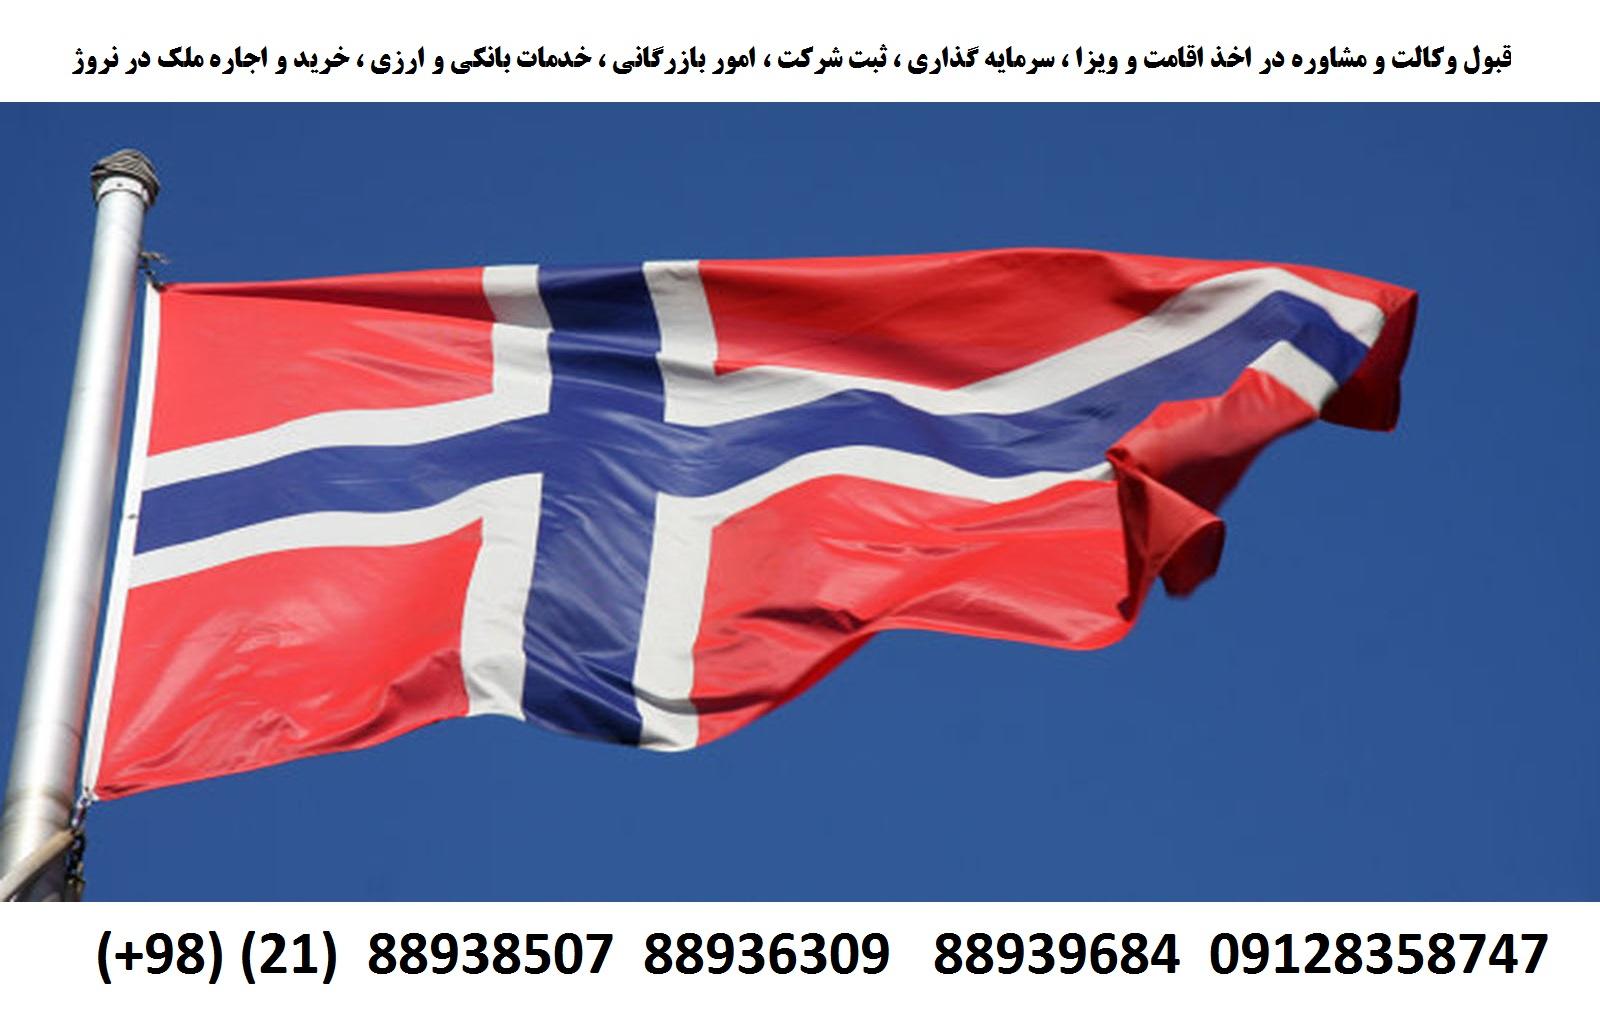 اقامت ، اخذ ویزا ، ثبت شرکت ، سرمایه گذاری در نروژ (1)